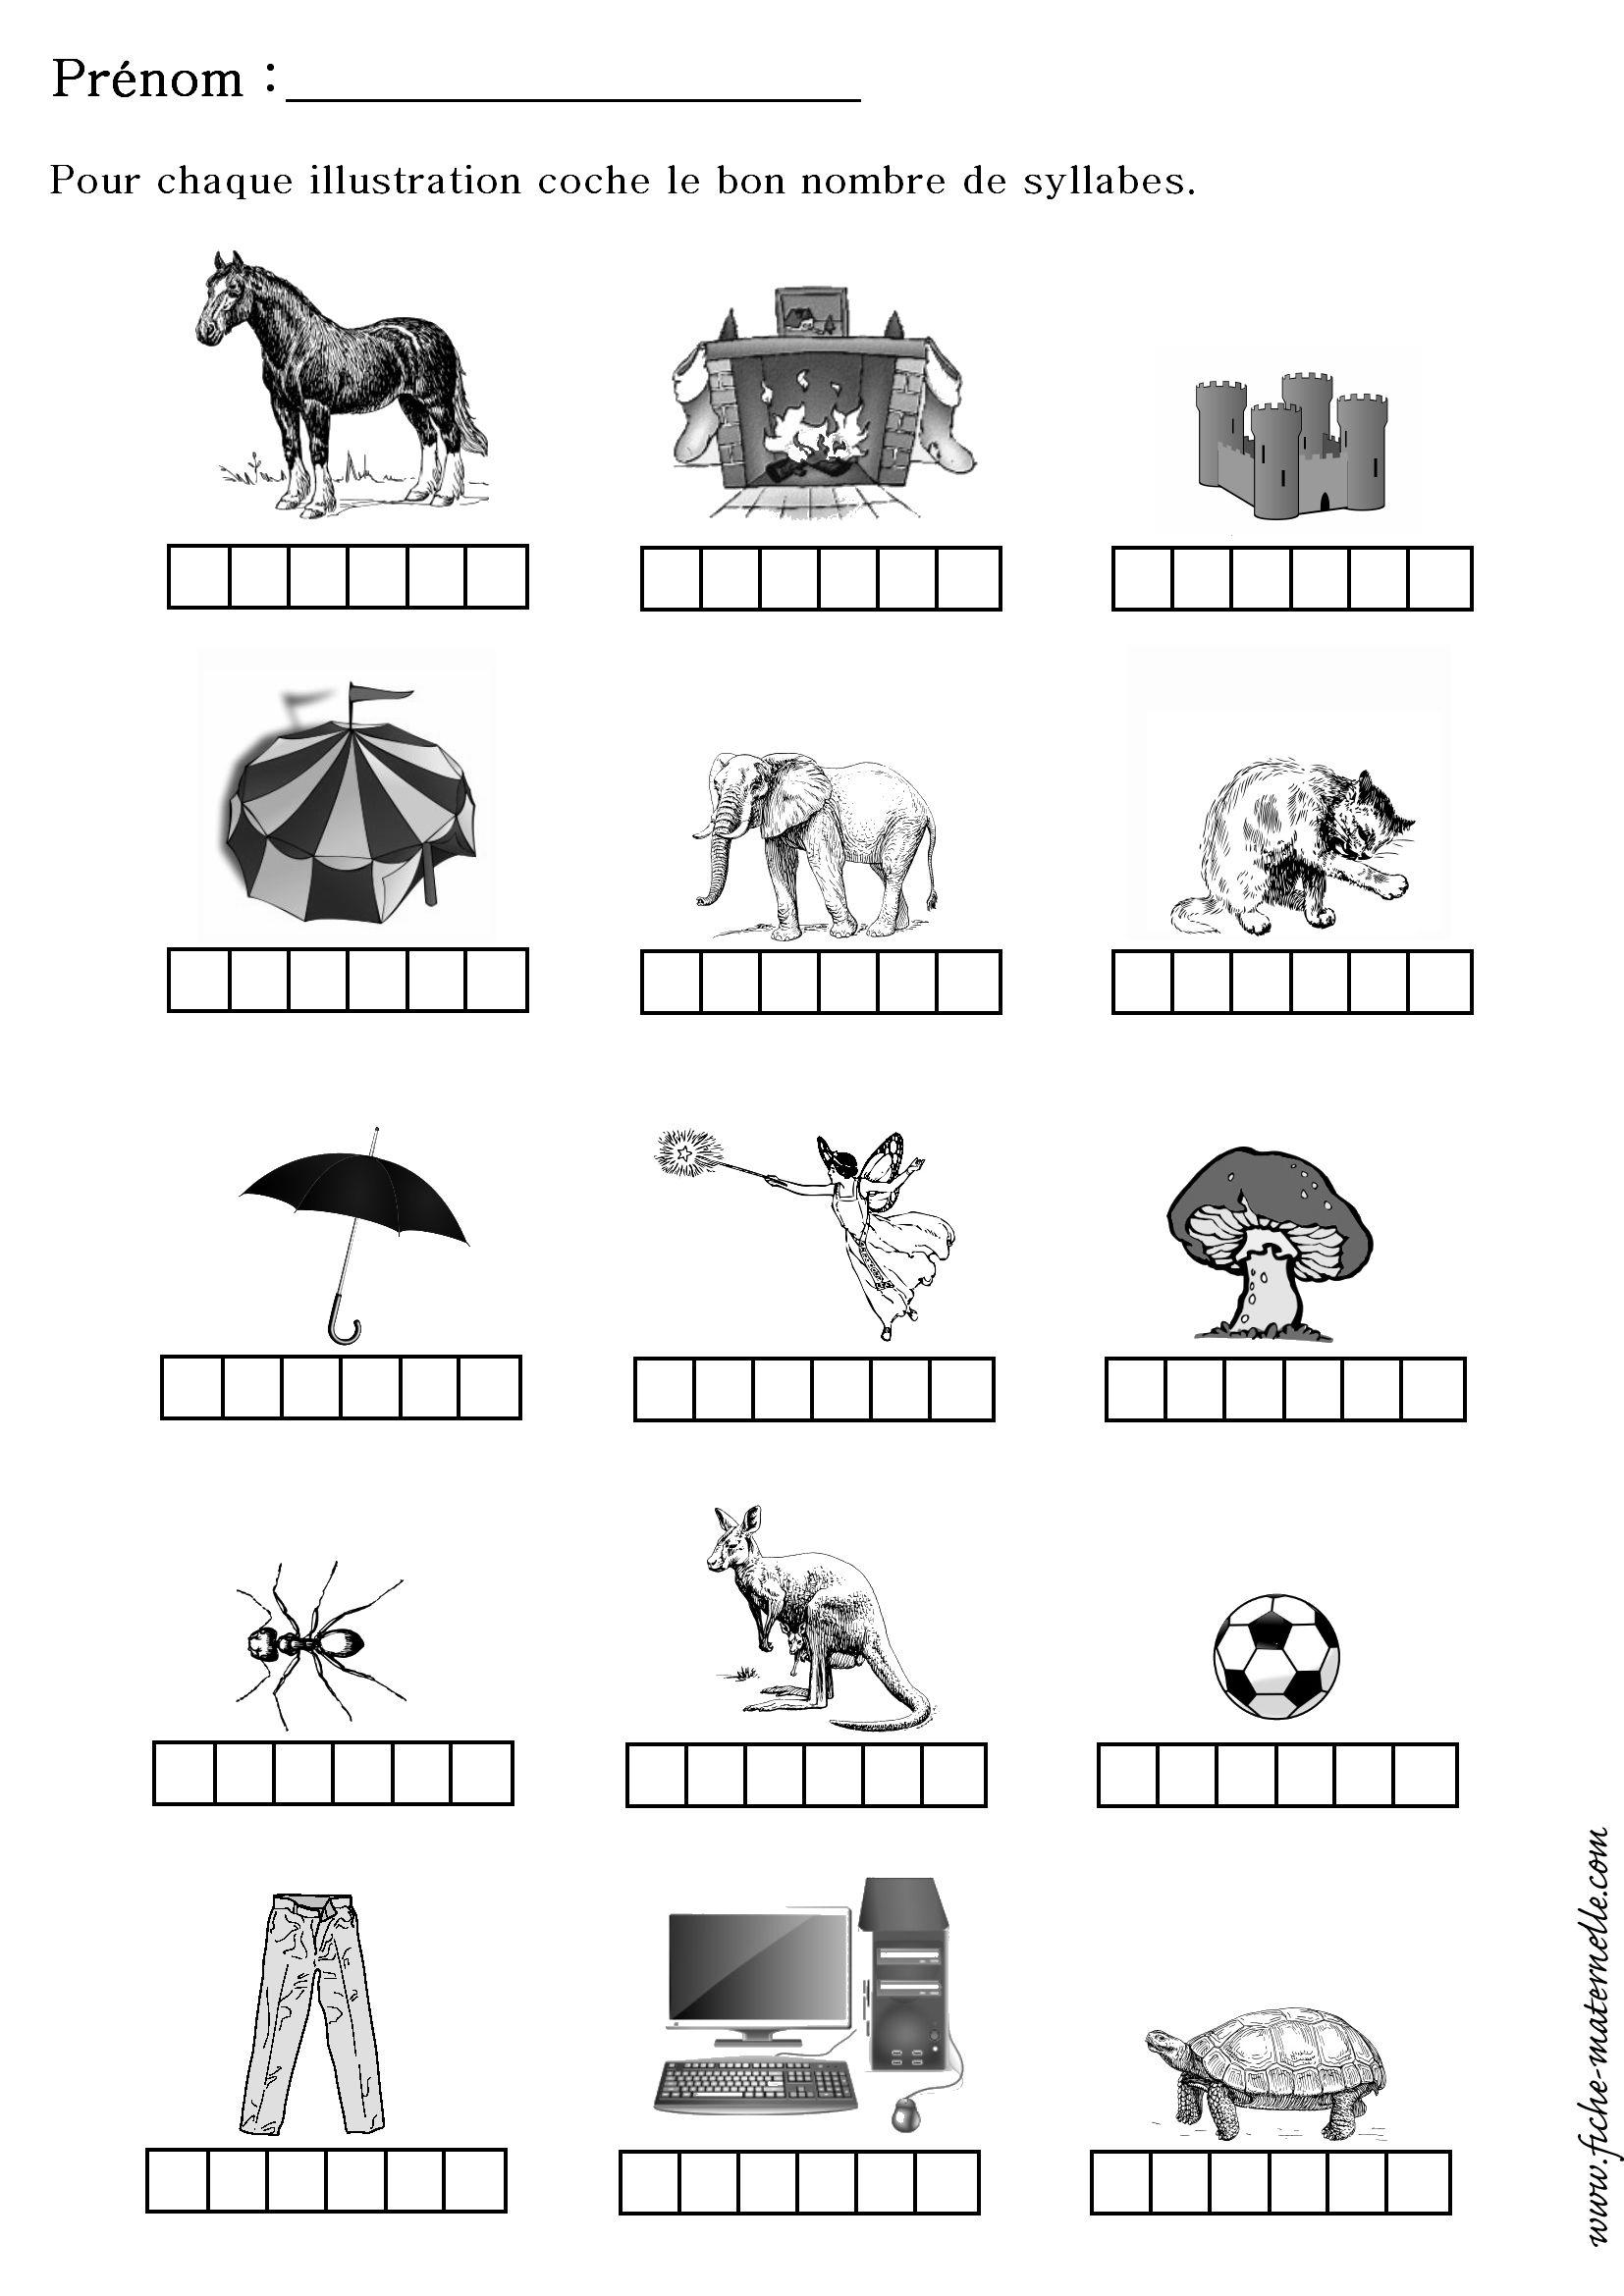 Compter le nombre de syllabes d 39 un mot education pinterest - Couper les mots en syllabes ...